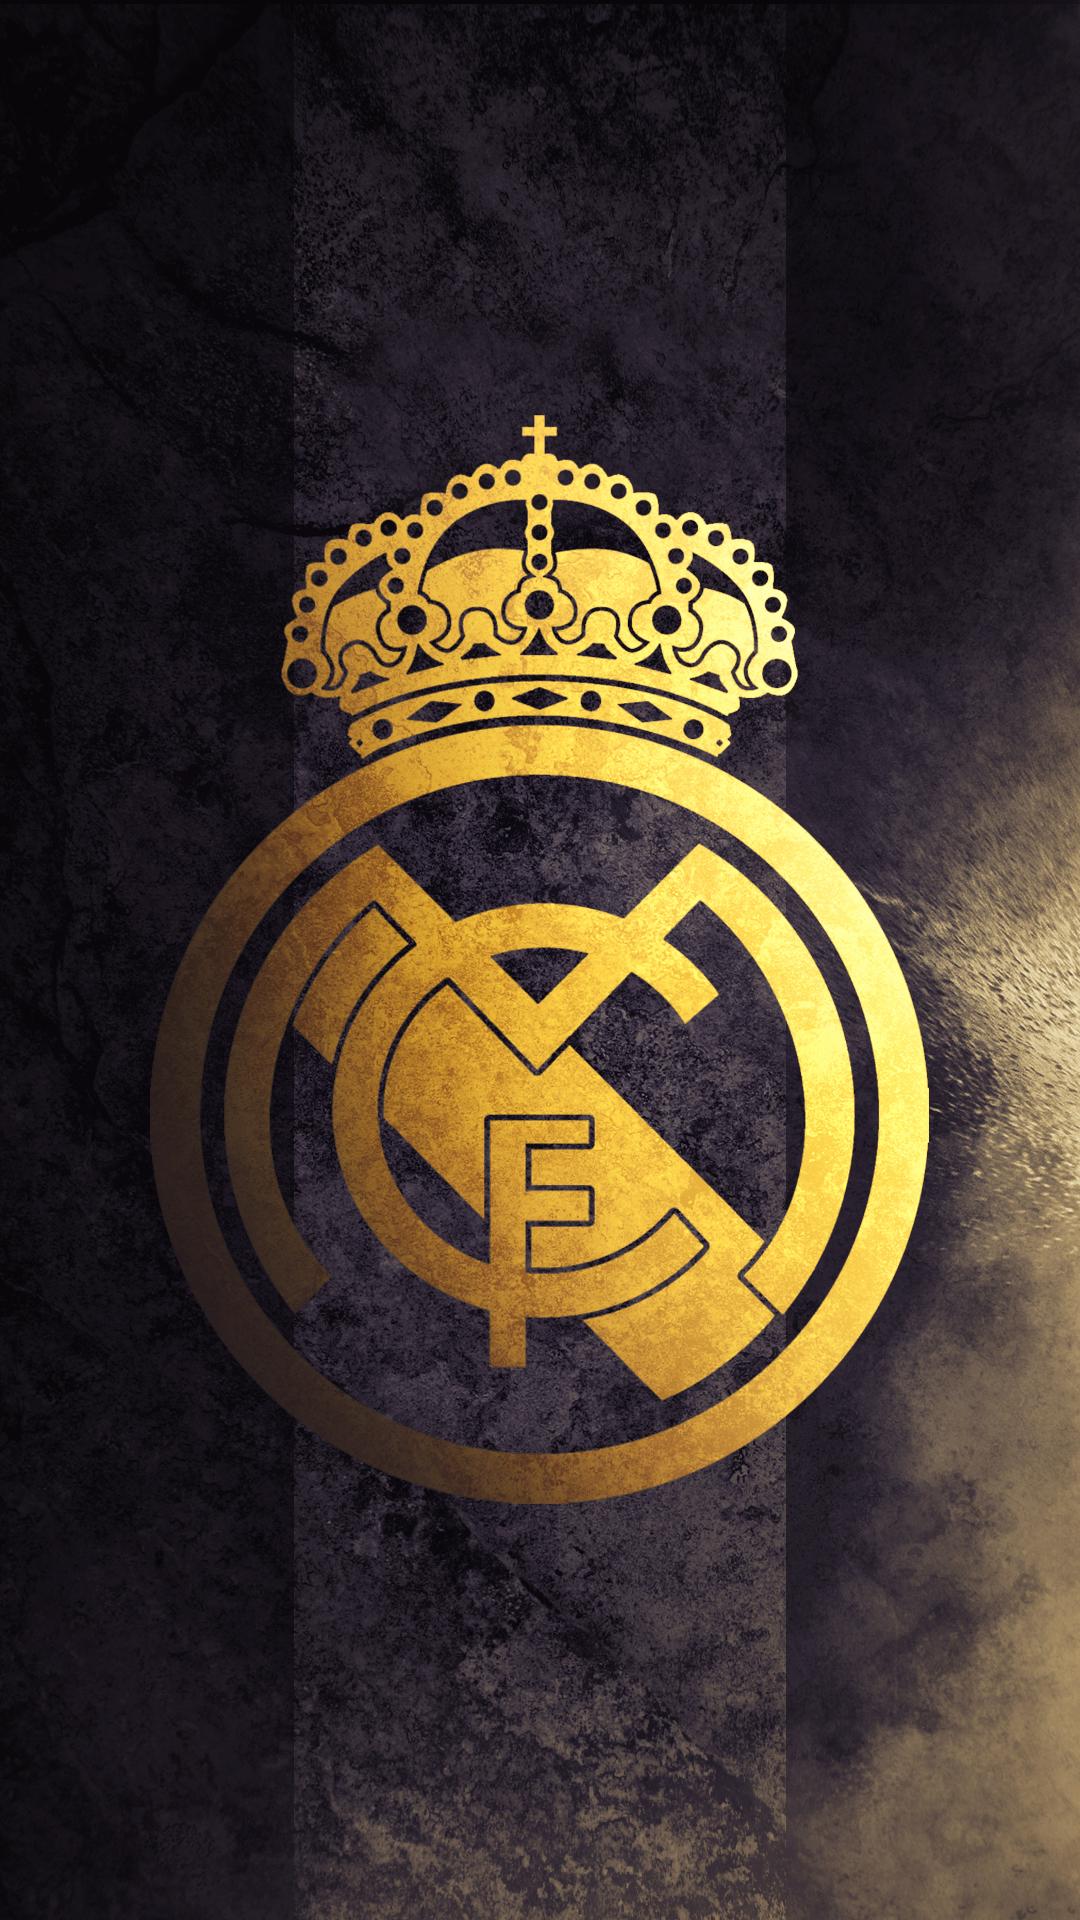 Real Madrid Logo Wallpaper By Kerimov23 On Deviantart